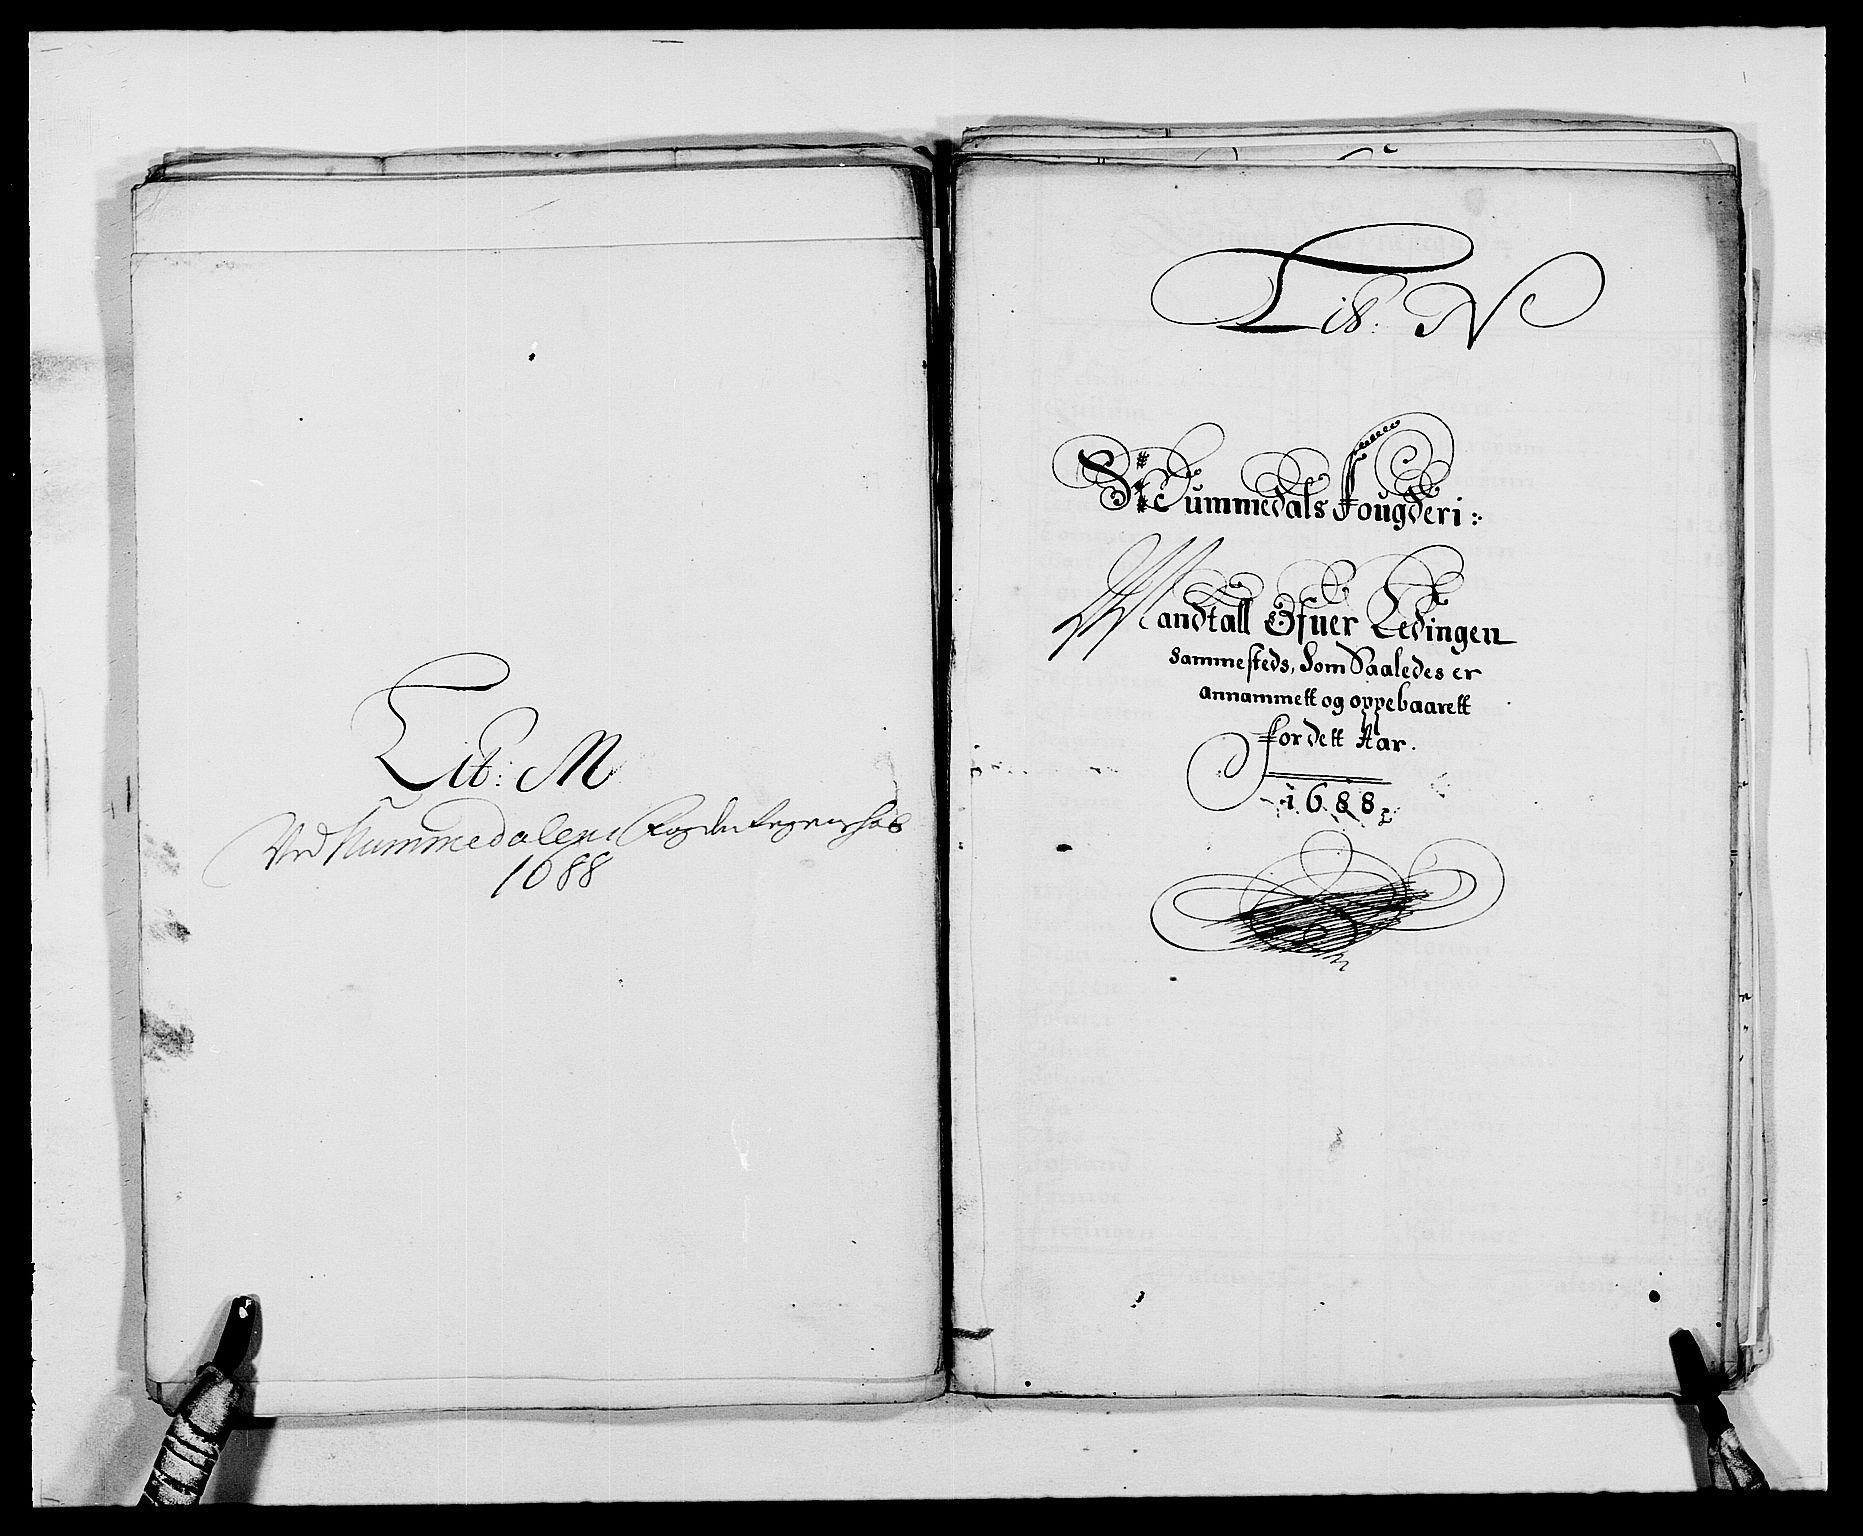 RA, Rentekammeret inntil 1814, Reviderte regnskaper, Fogderegnskap, R64/L4422: Fogderegnskap Namdal, 1687-1689, s. 158